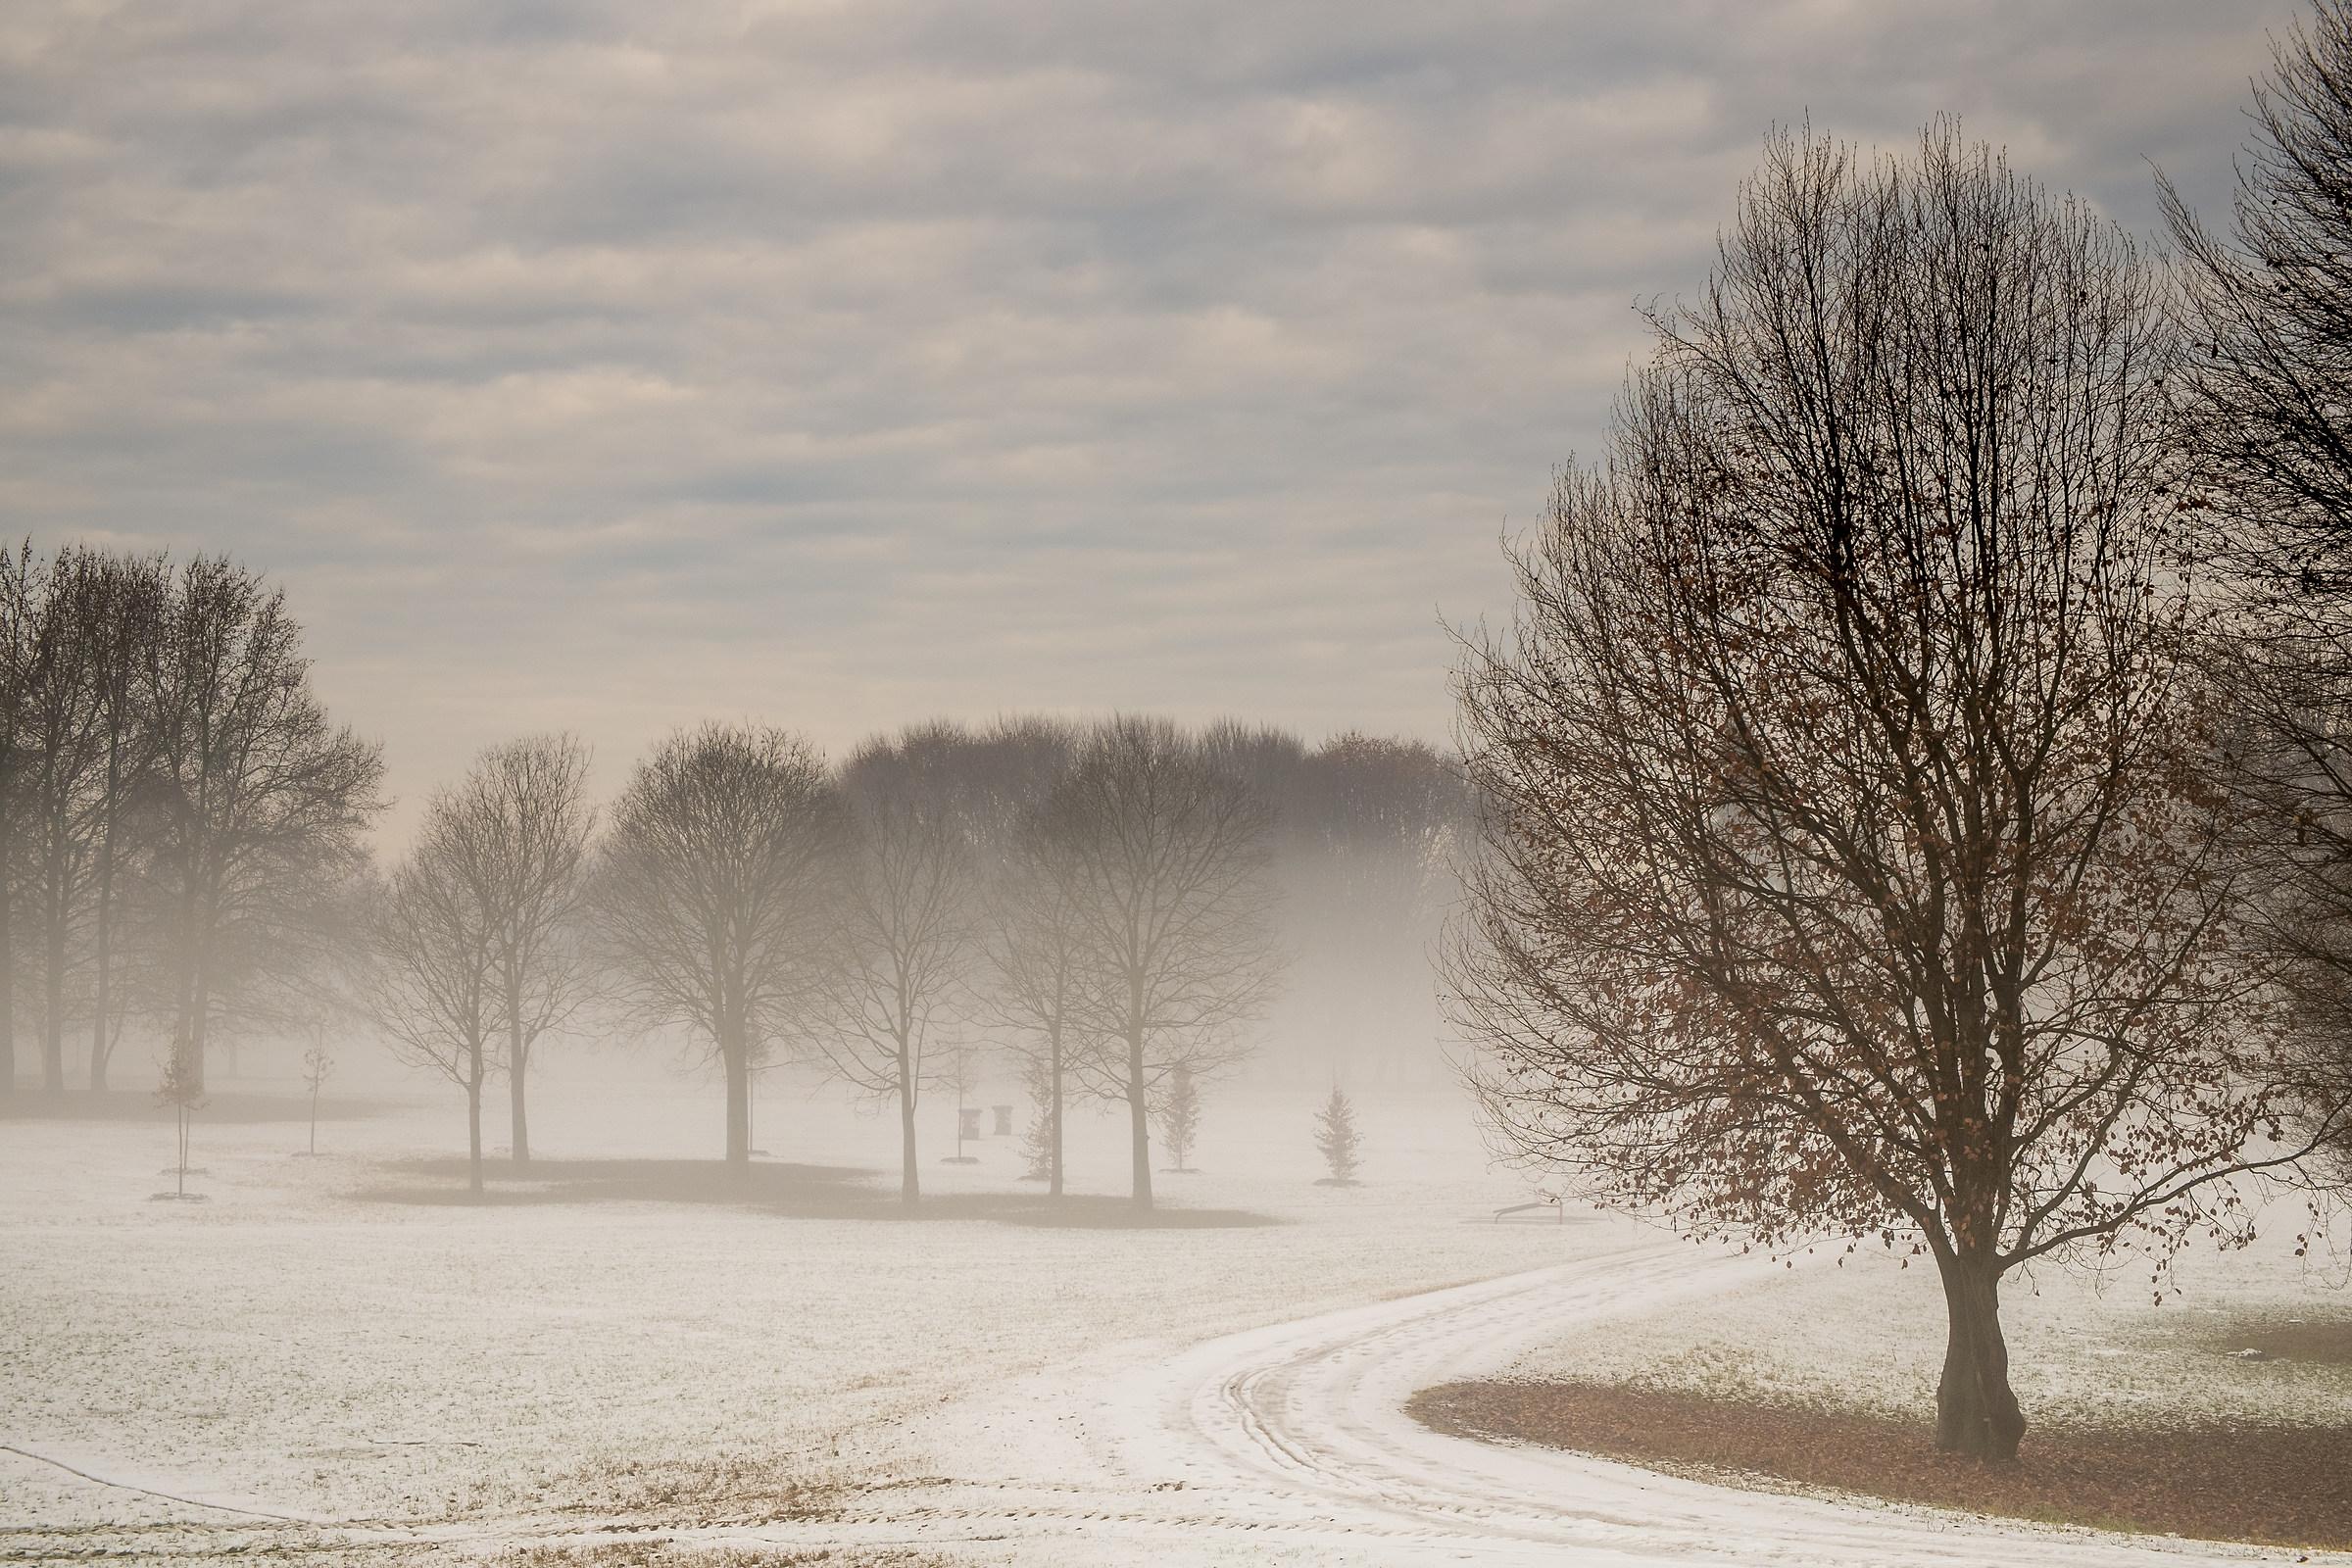 atmosfera invernale in citta'...